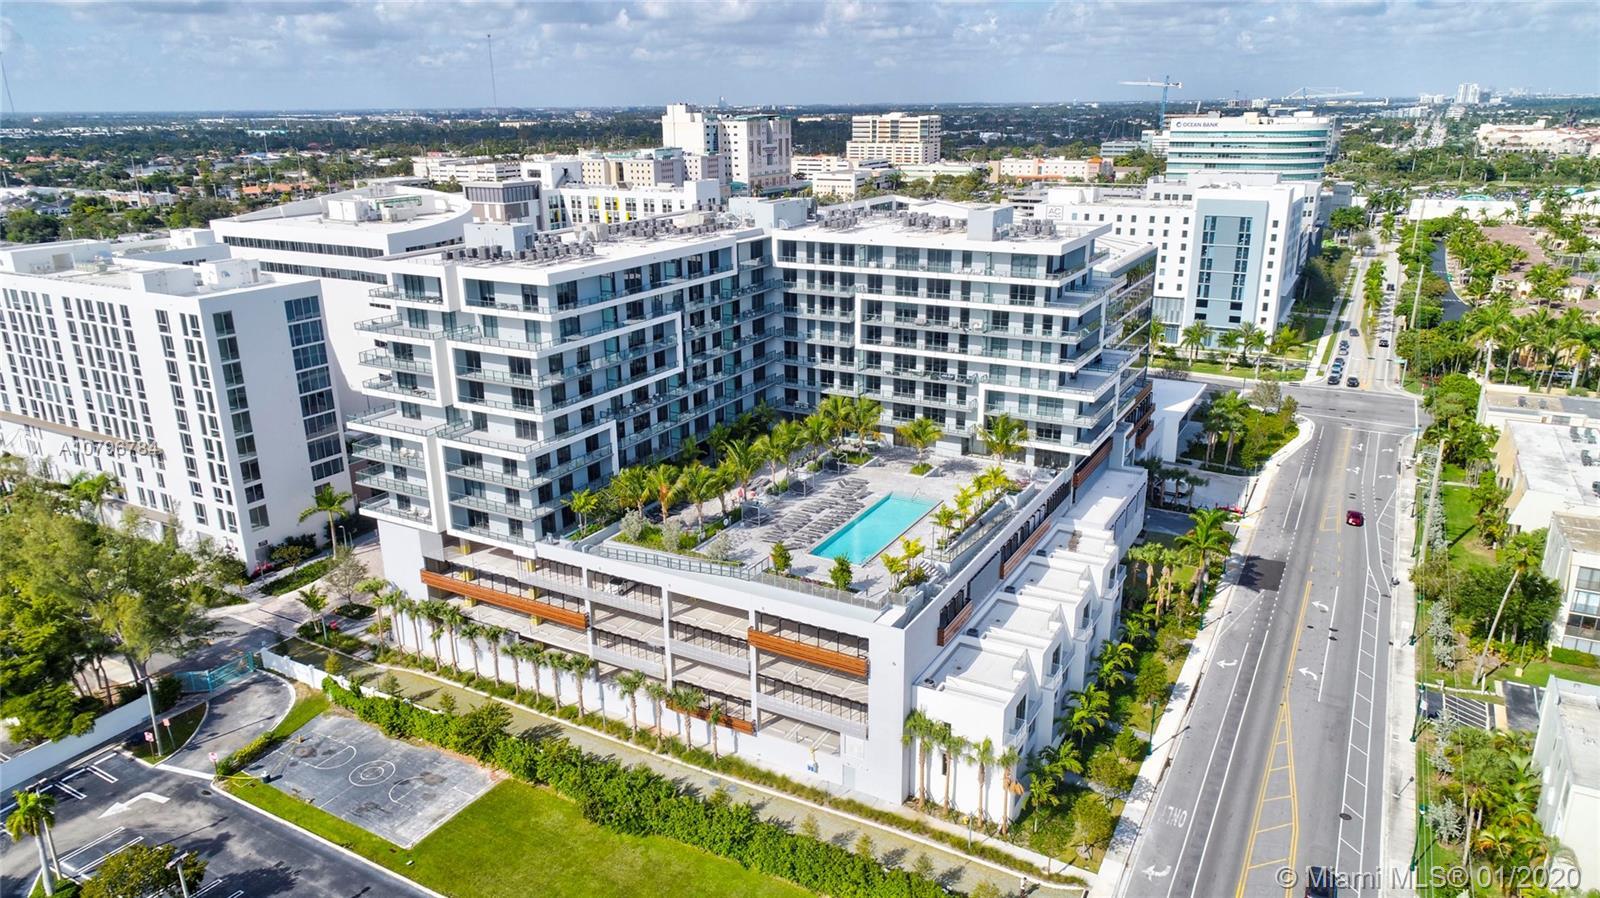 2960 NE 207 St #501, Aventura, FL 33180 - Aventura, FL real estate listing